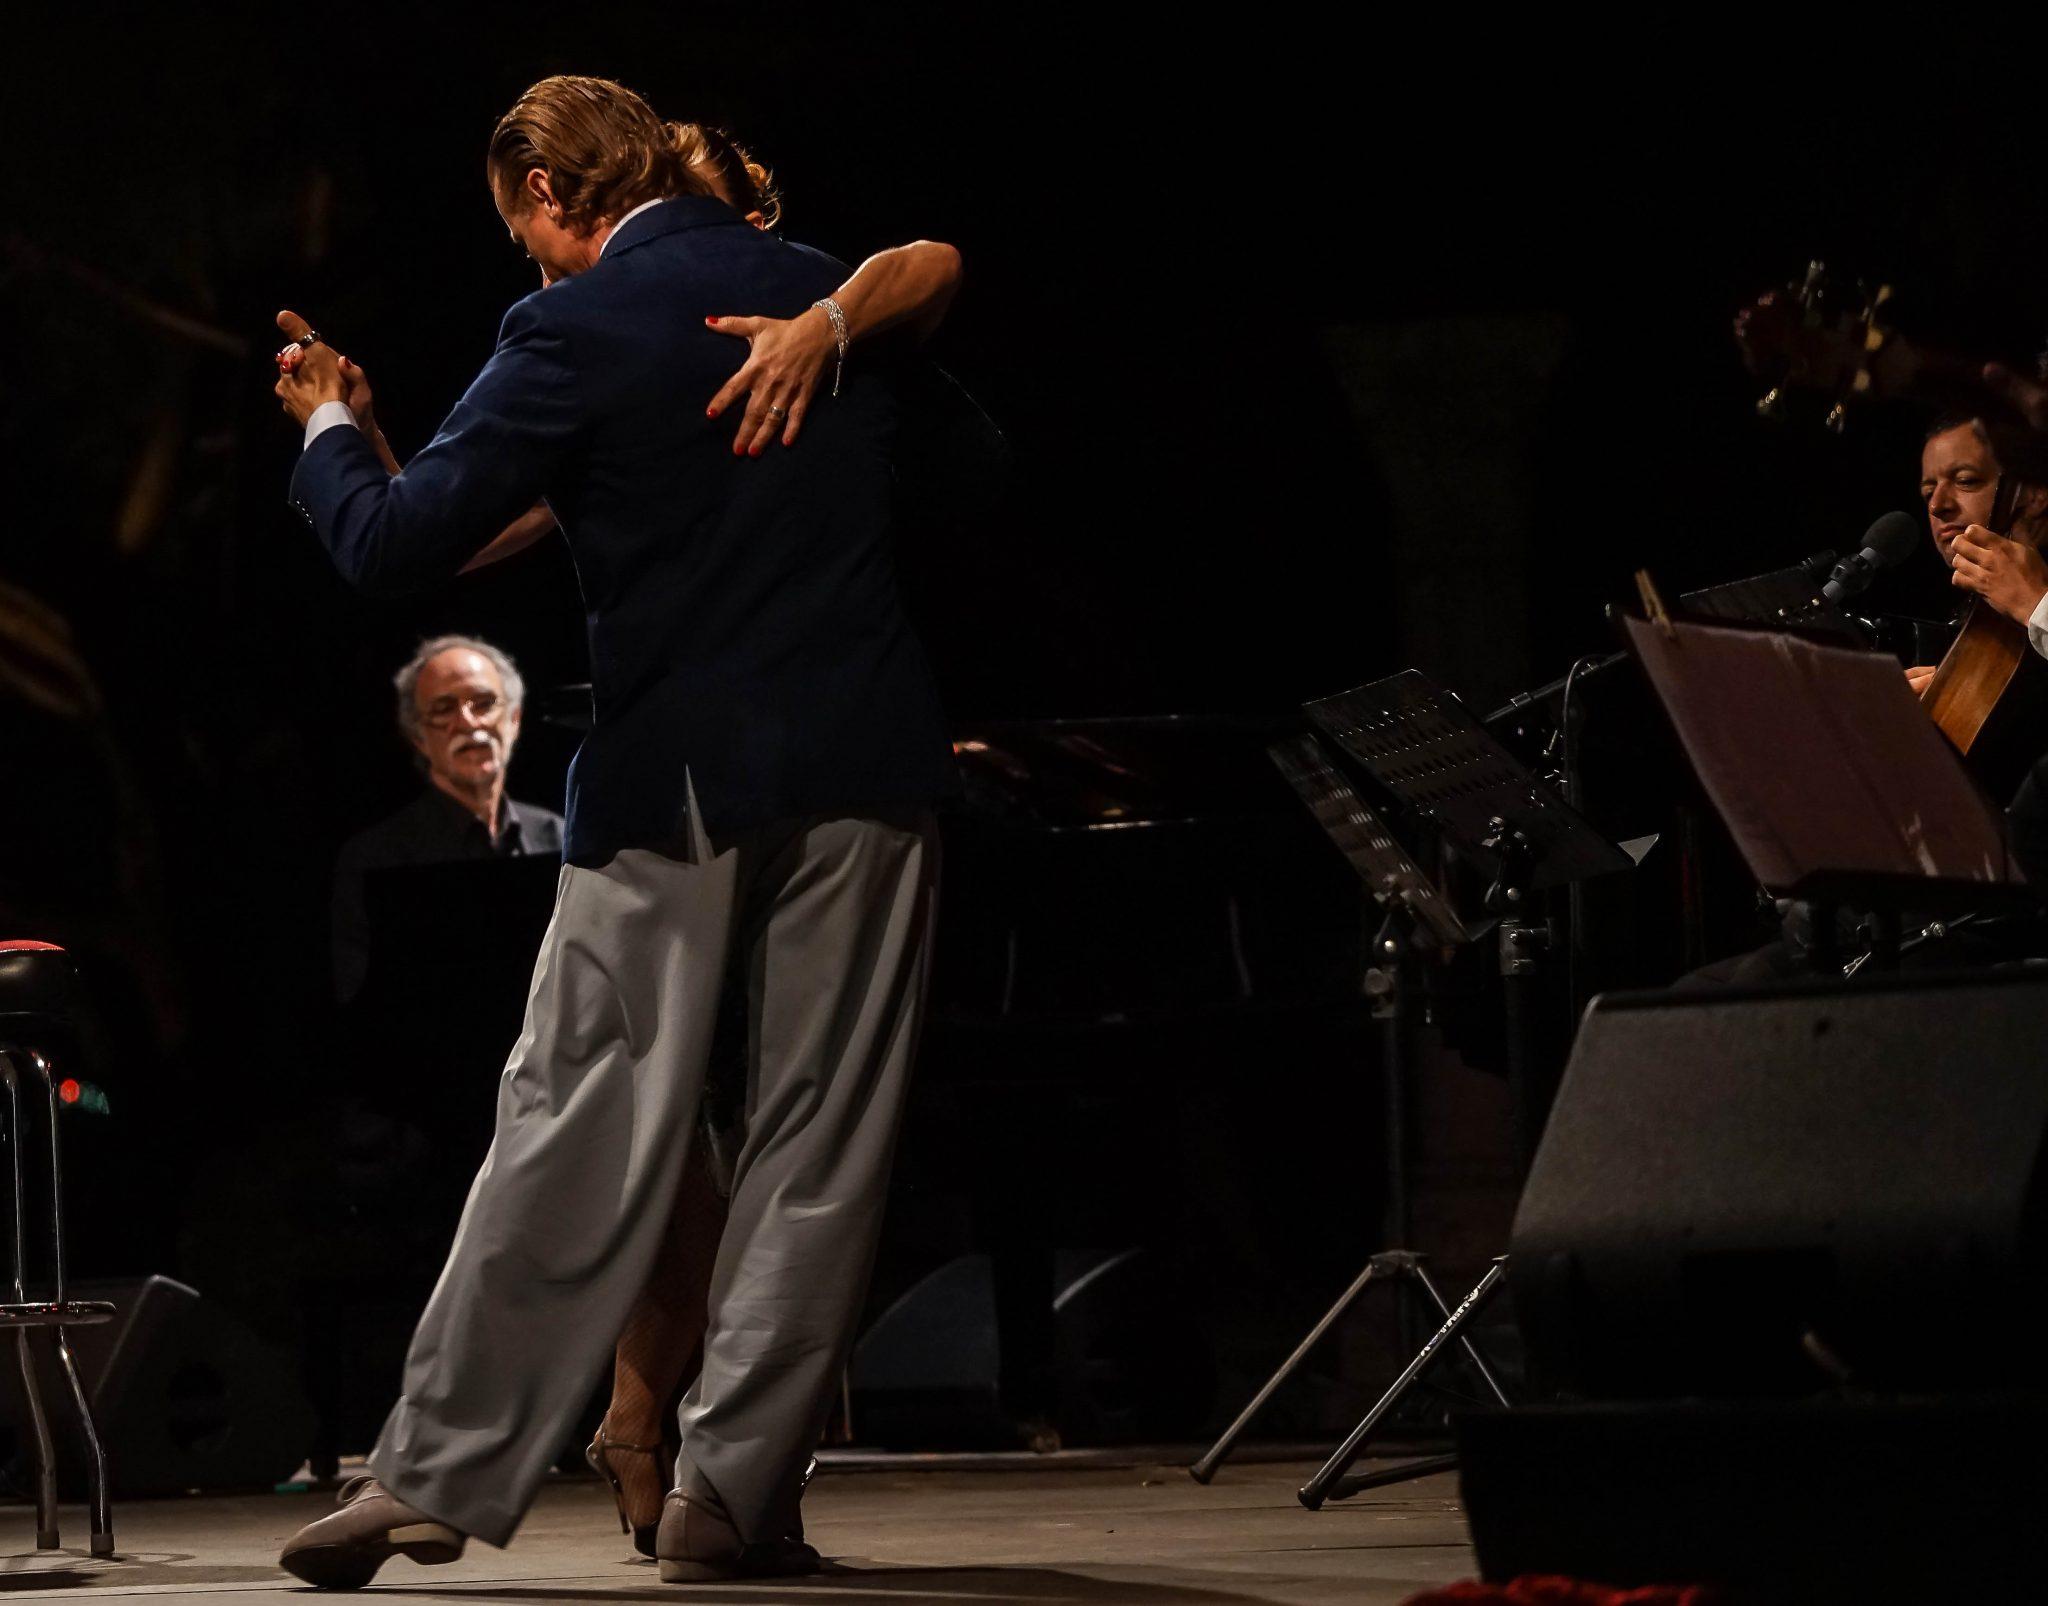 Um homem e uma mulher dançar o Tango em palco